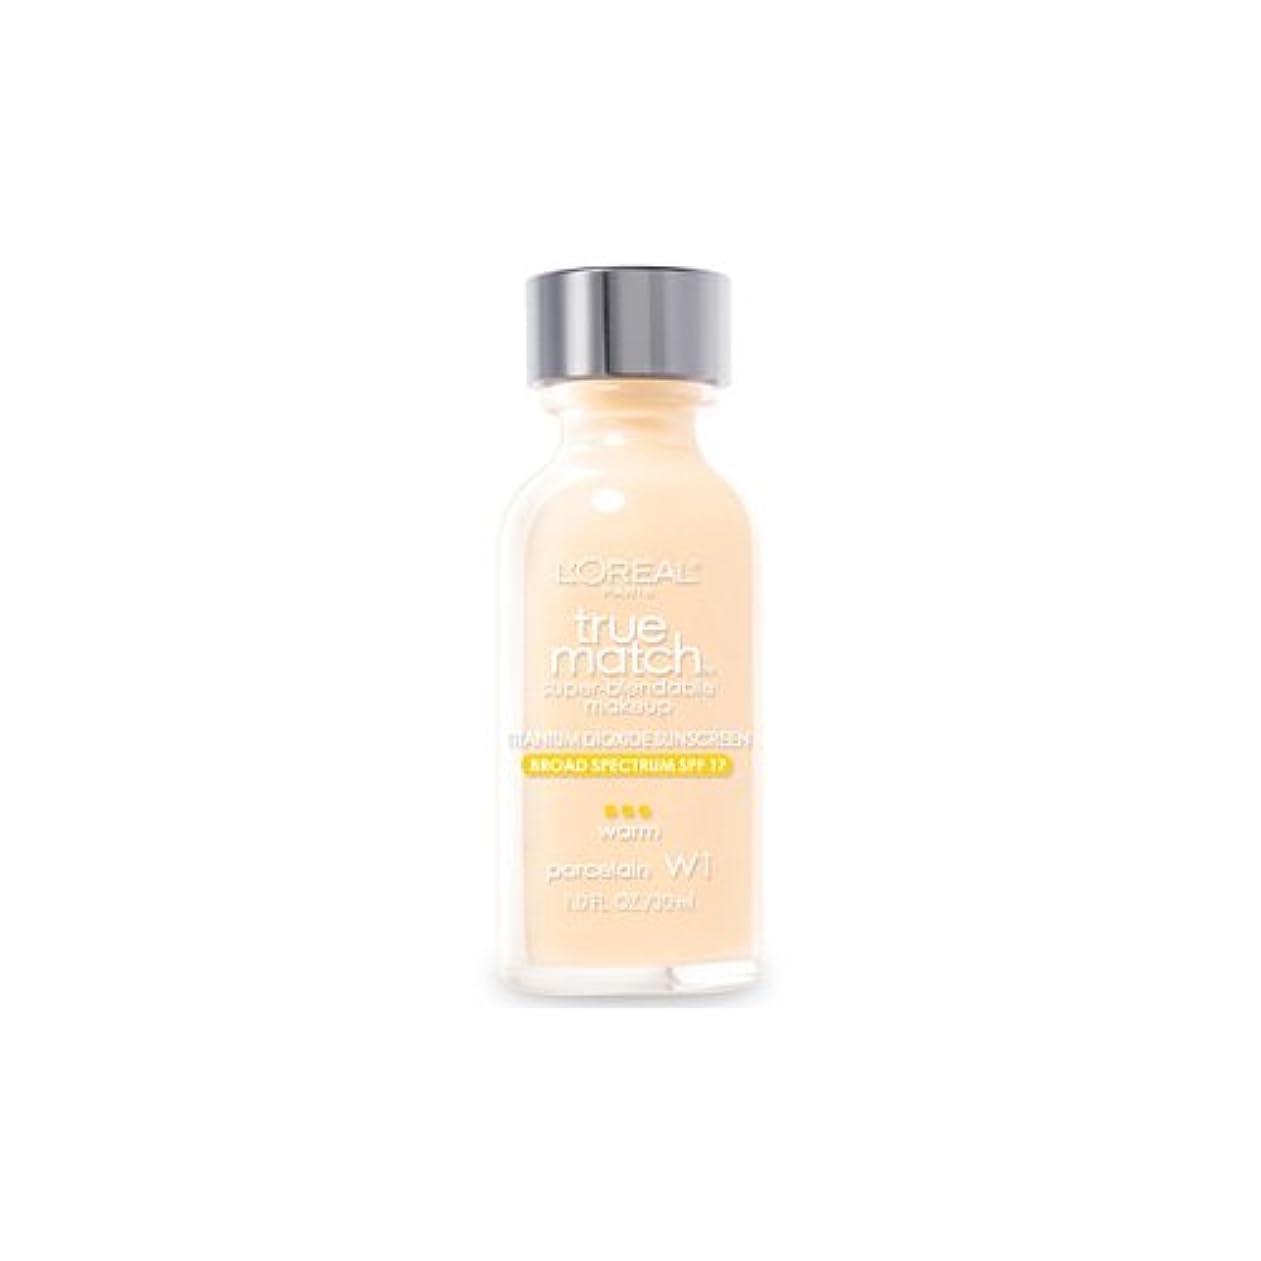 干渉する調子縞模様の(3 Pack) L'OREAL True Match Super Blendable Makeup - Porcelain (並行輸入品)